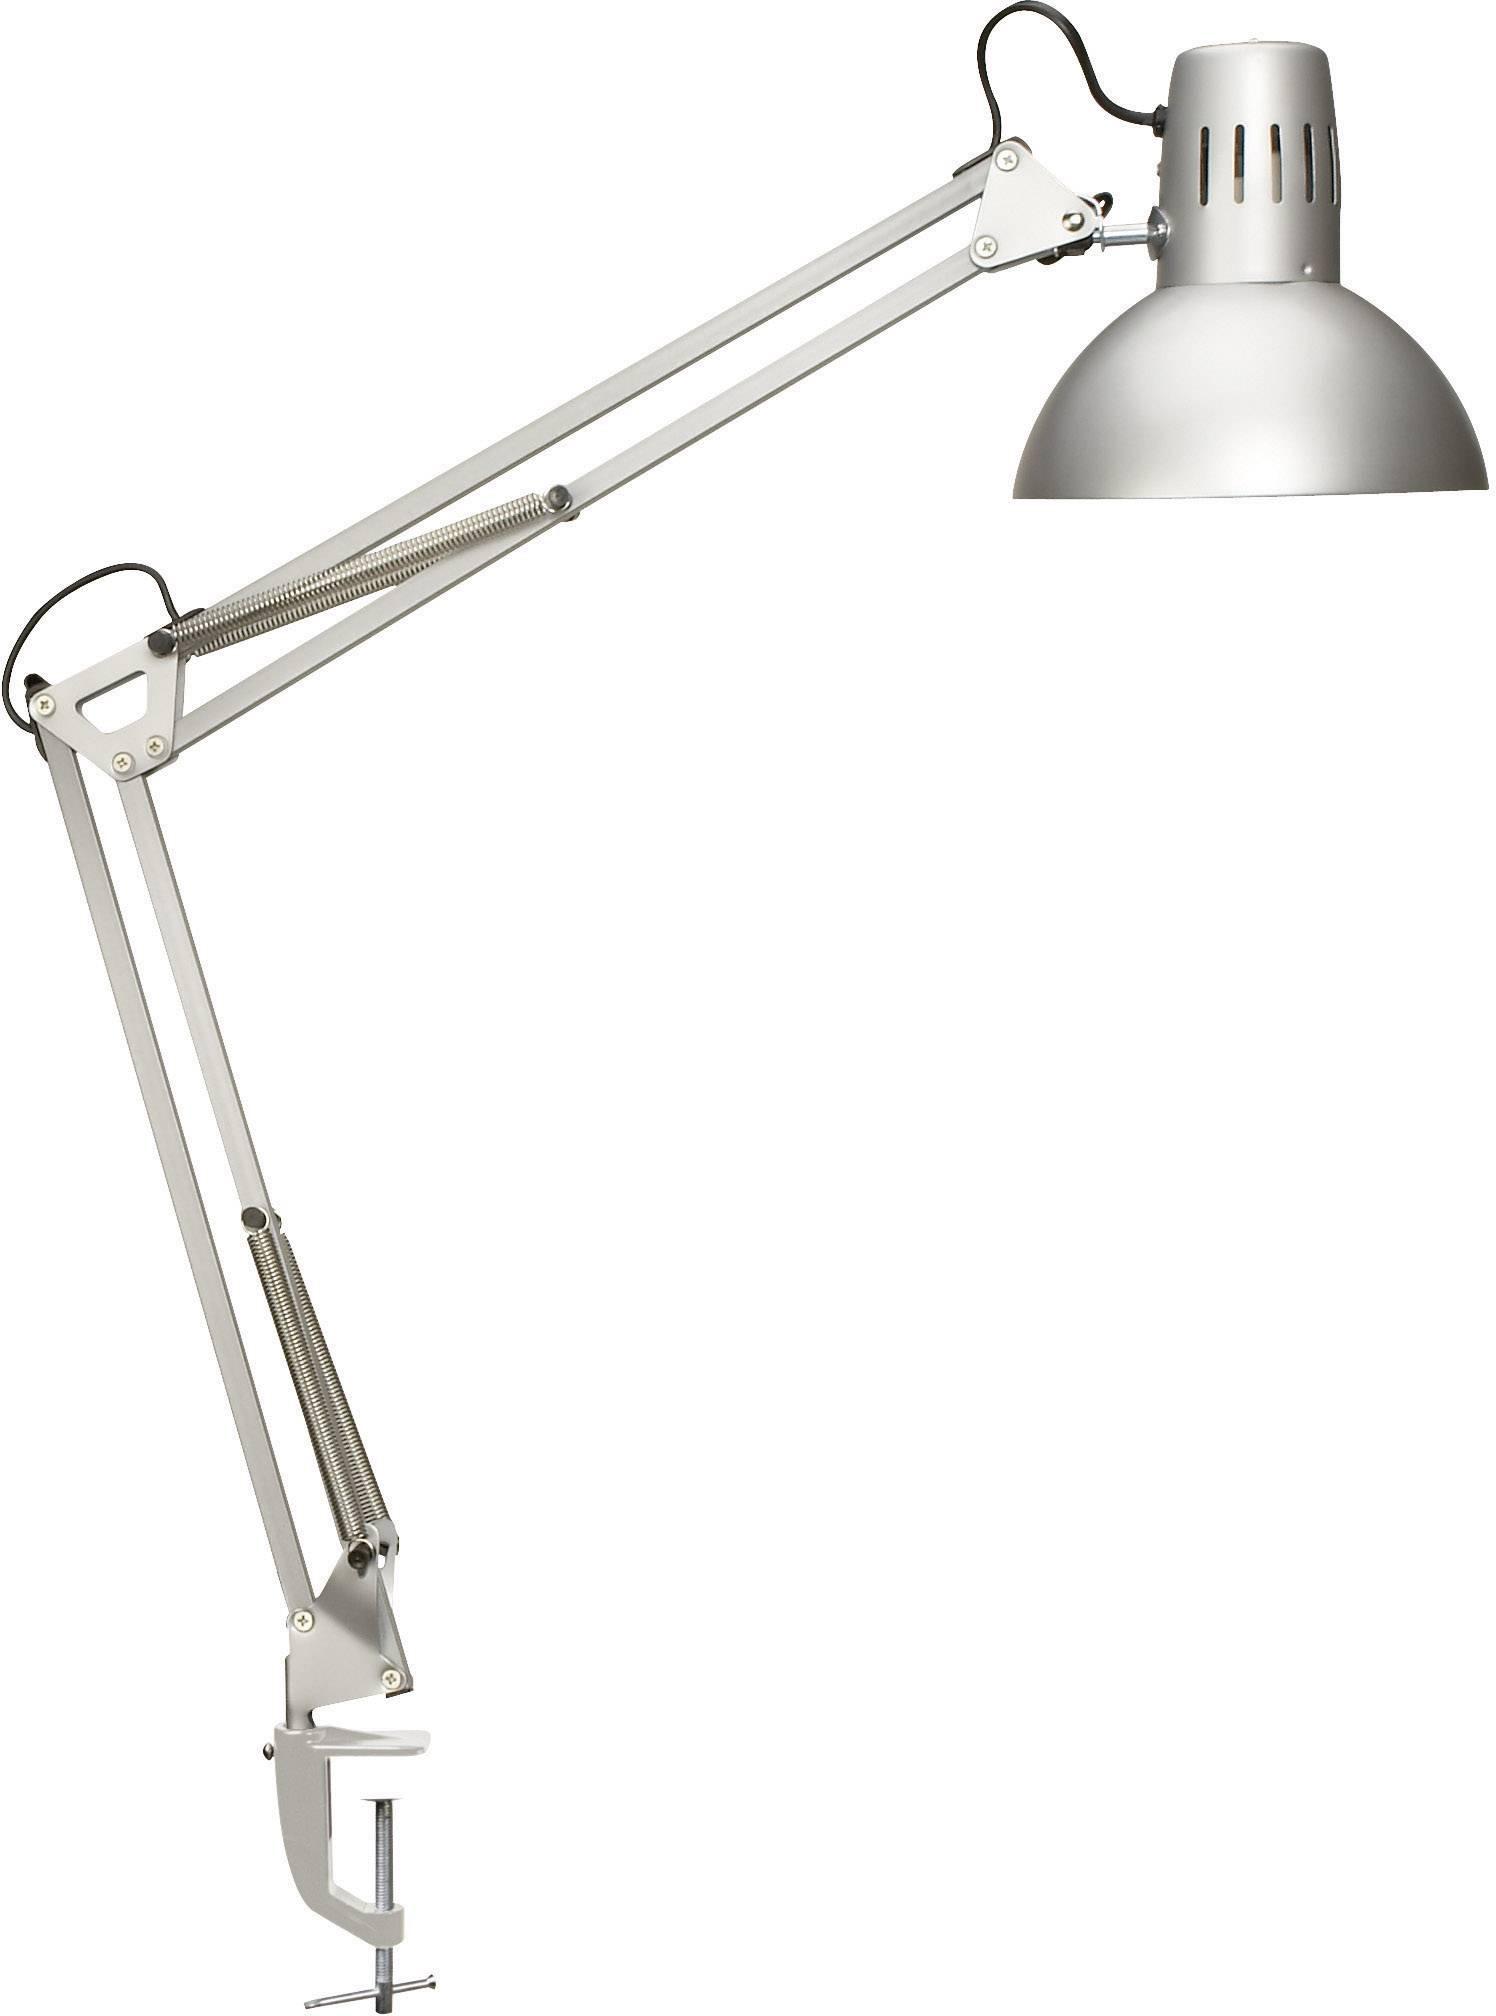 Stolní úsporná lampa Maul study s klipsem, E27, 60 W, stříbrná